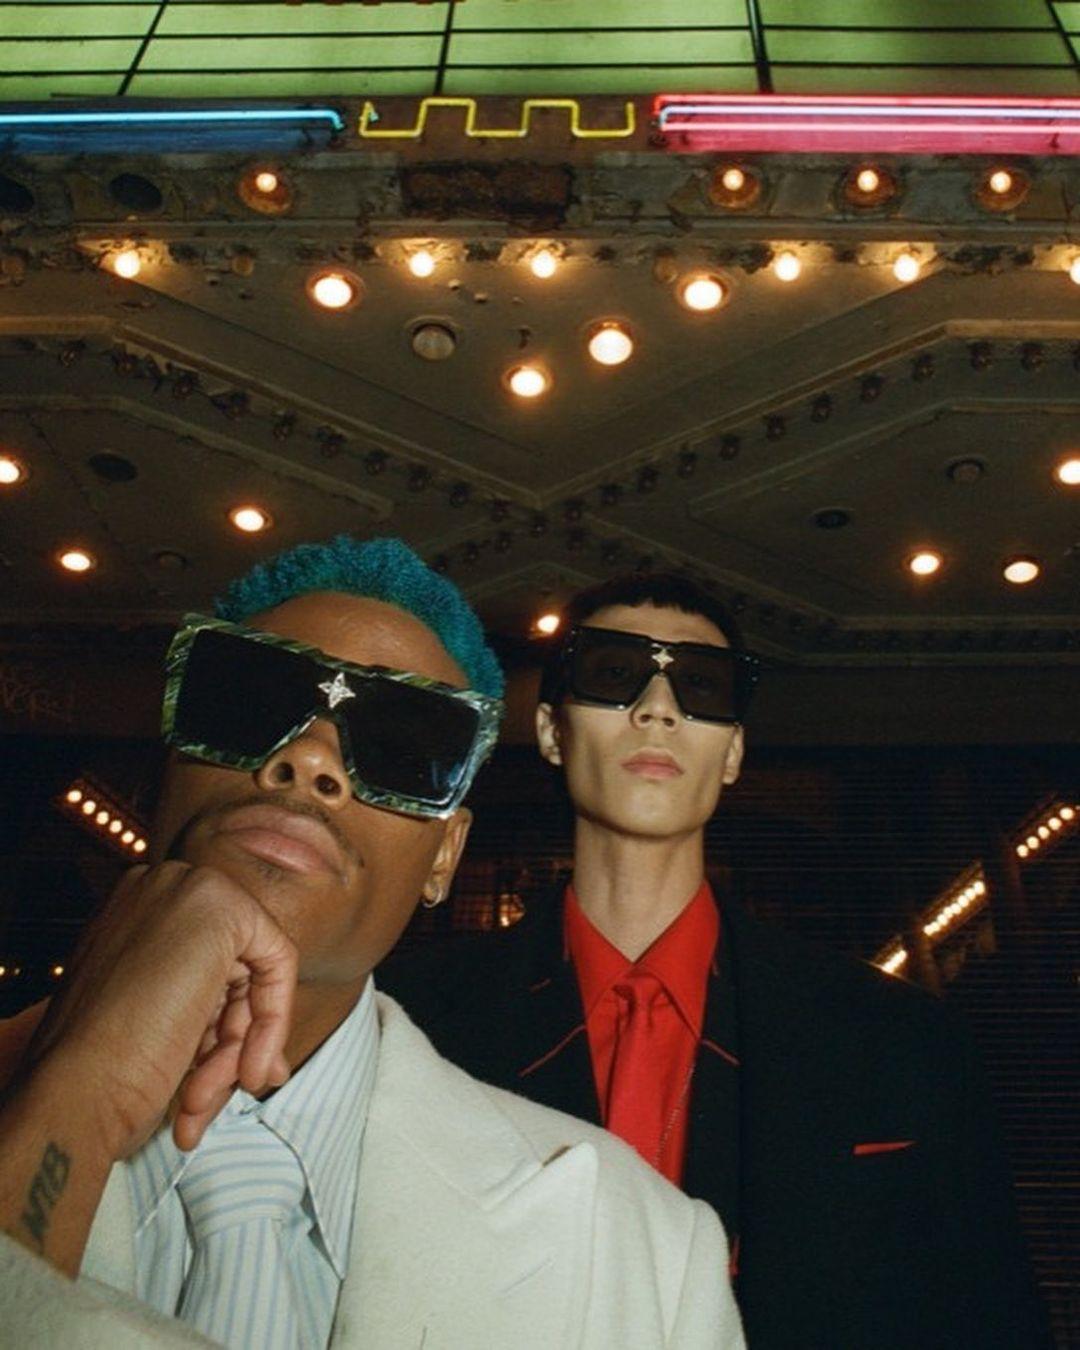 Virgil Abloh shares Louis Vuitton's Latest Sunglasses